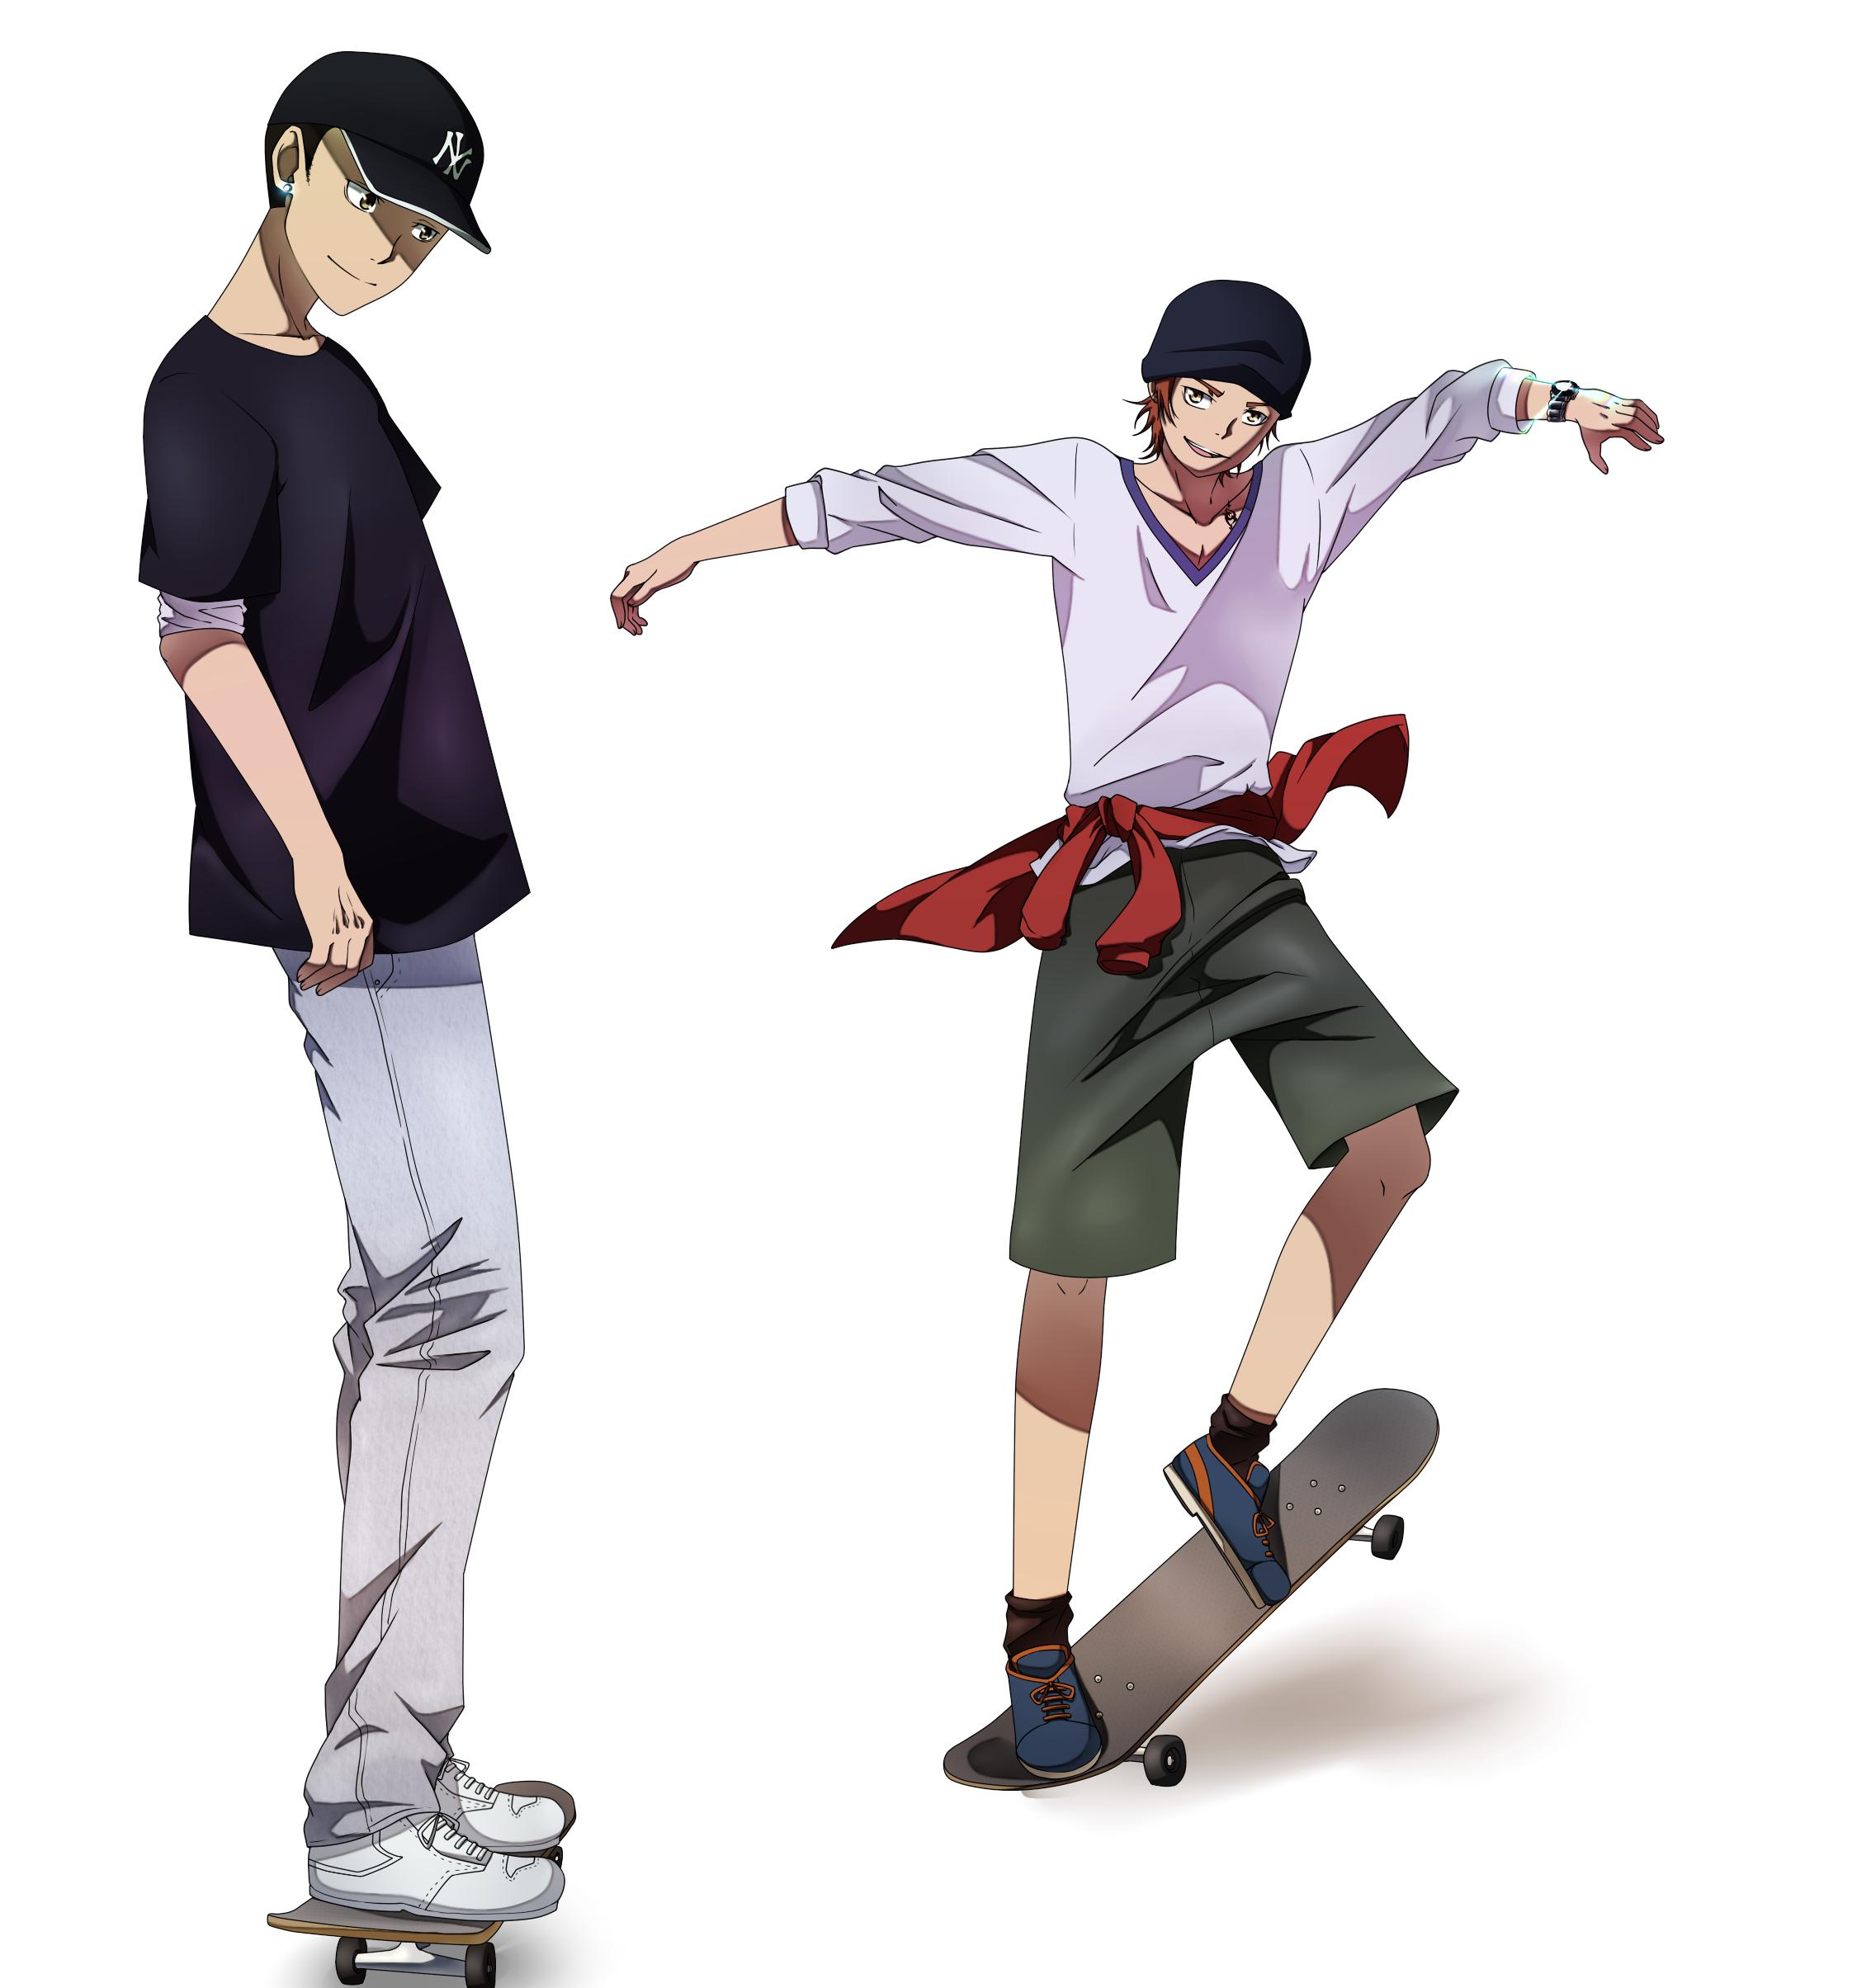 Skate by Gurvana